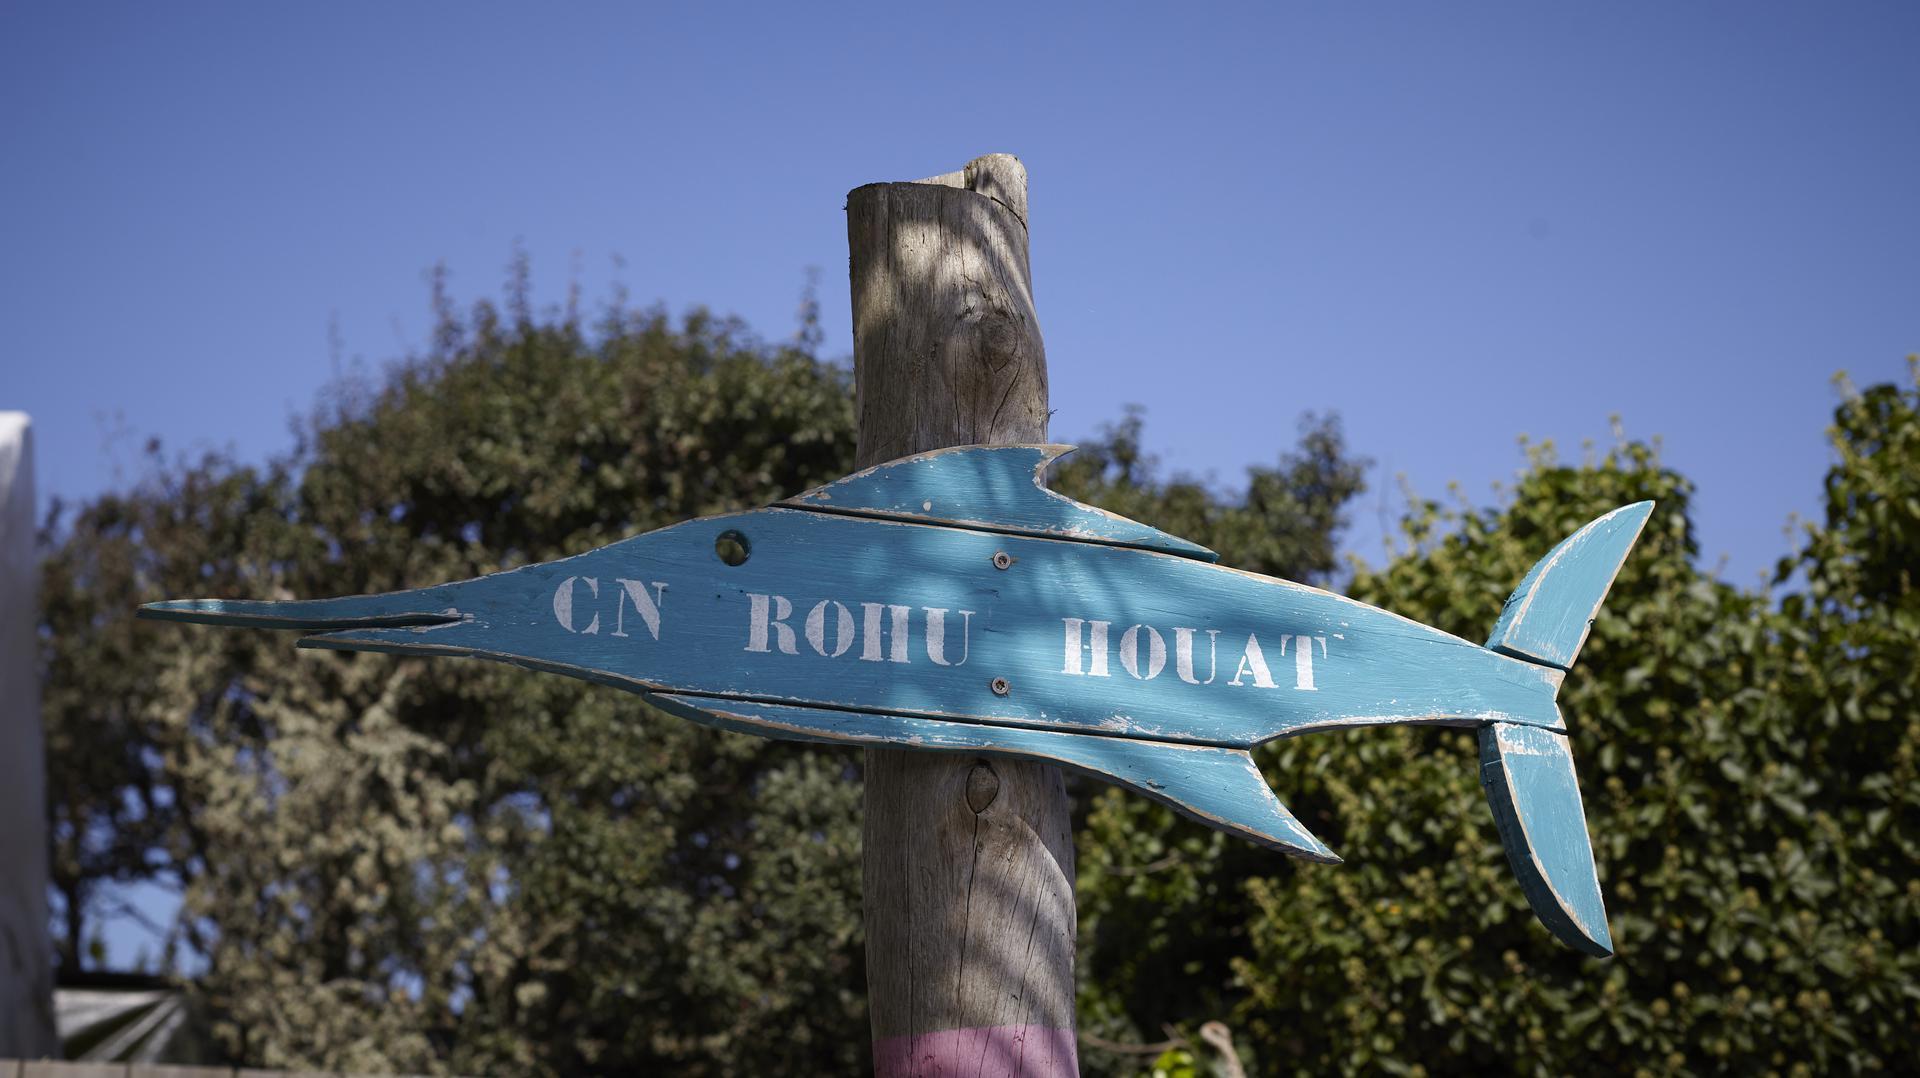 Le Club Nautique du Rohu est présent à Houat !